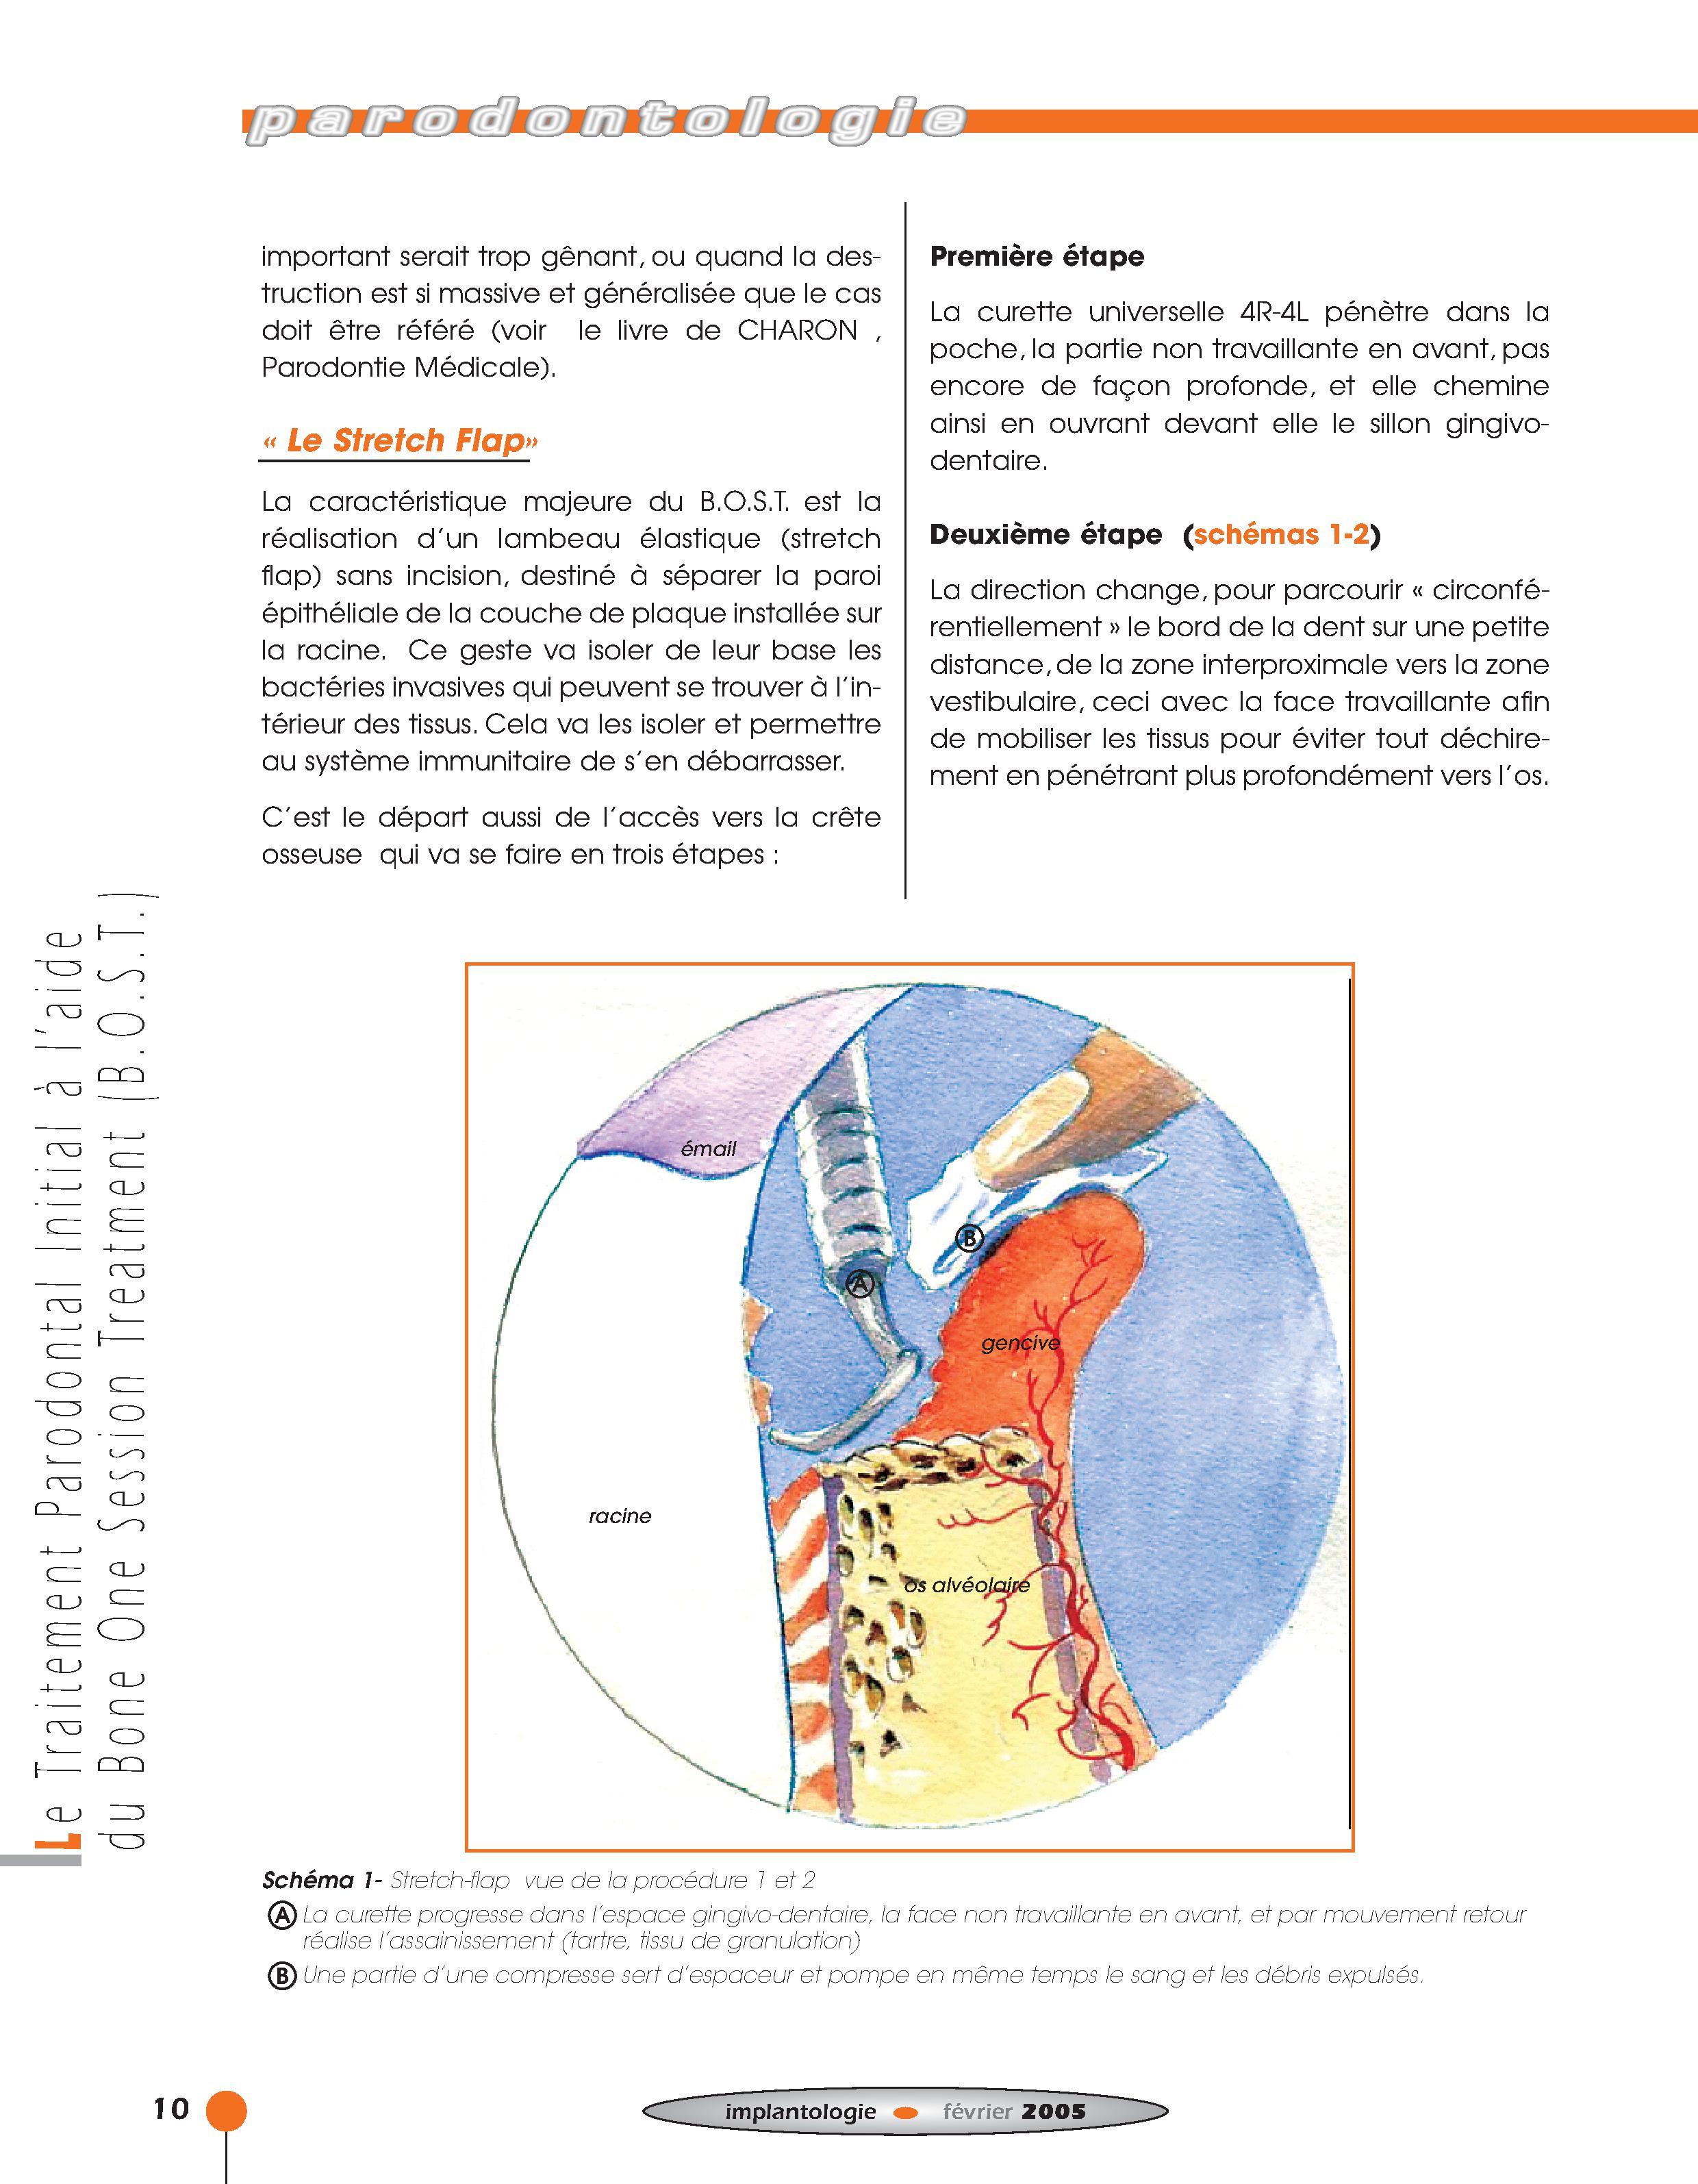 Implantologie BOST Article 14 BLZ-4.jpg